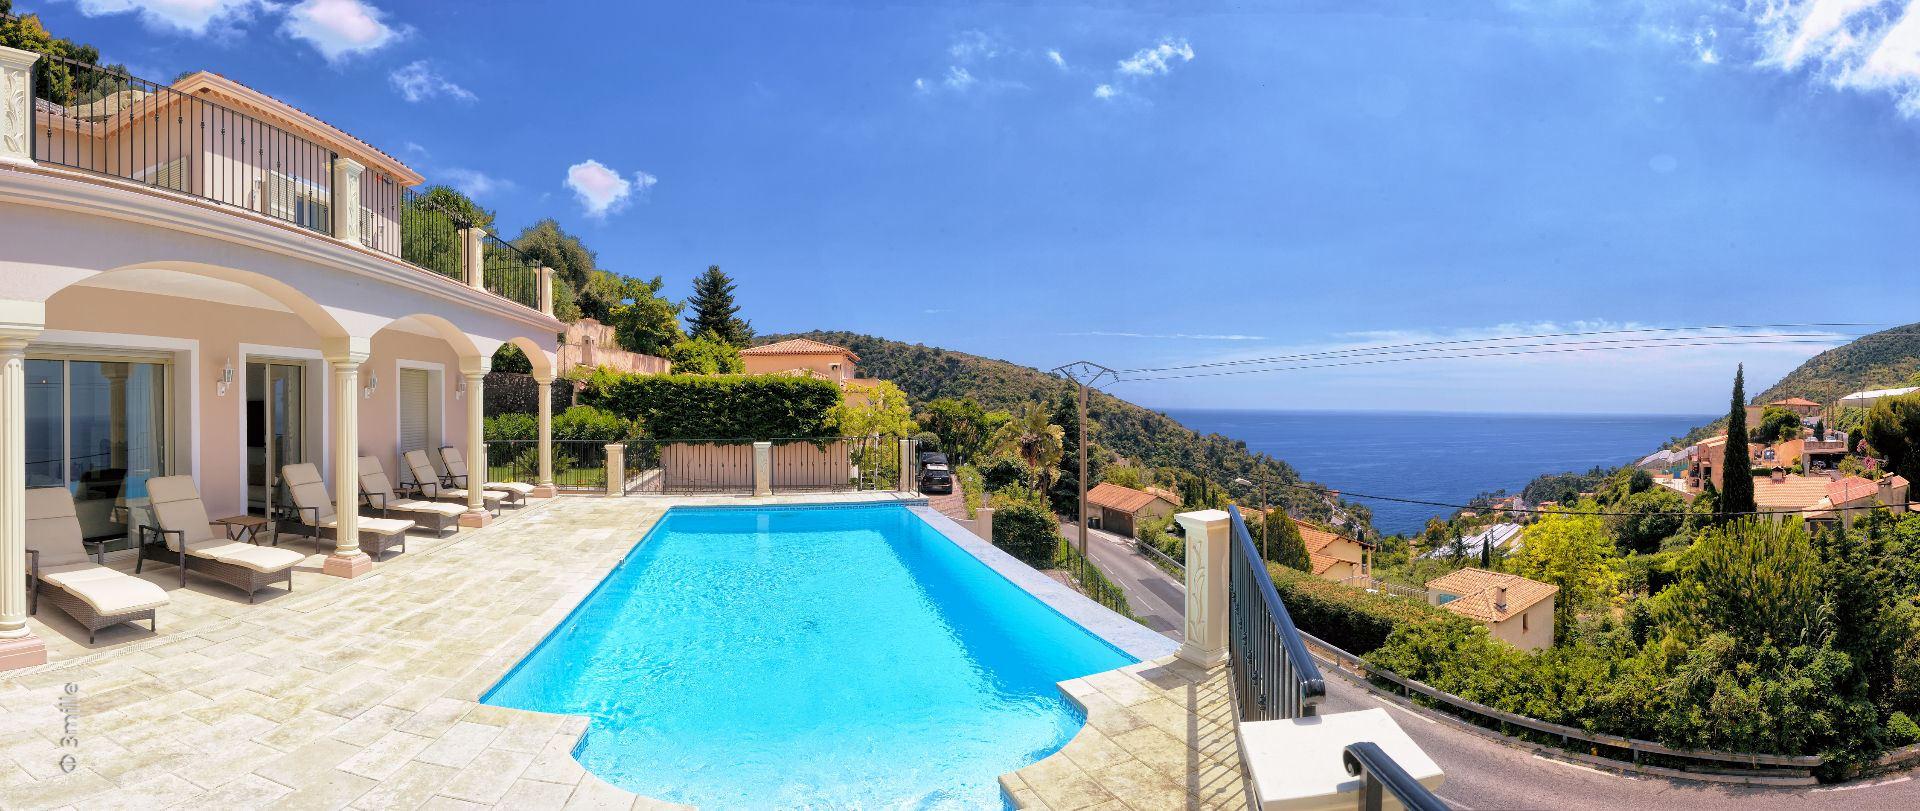 Einfamilienhaus für Verkauf beim Provencal style villa - sea views Eze, Provence-Alpes-Cote D'Azur 06360 Frankreich